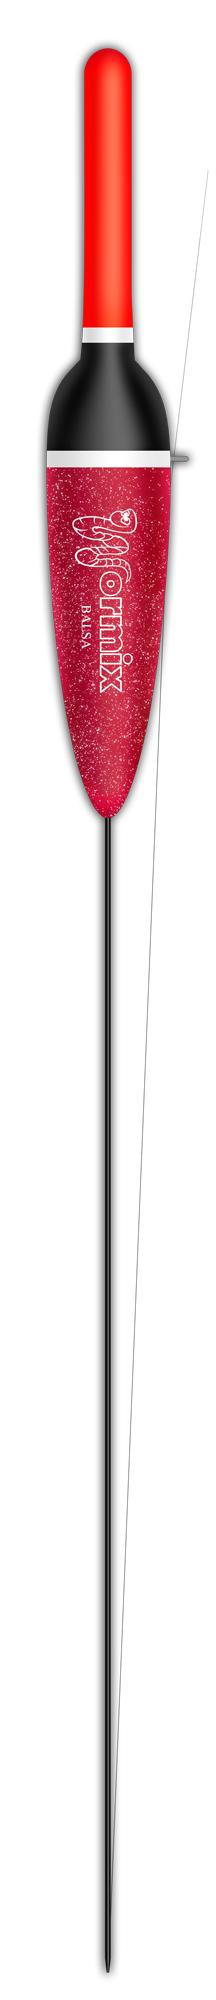 Поплавок Wormix 010 - 3 гр